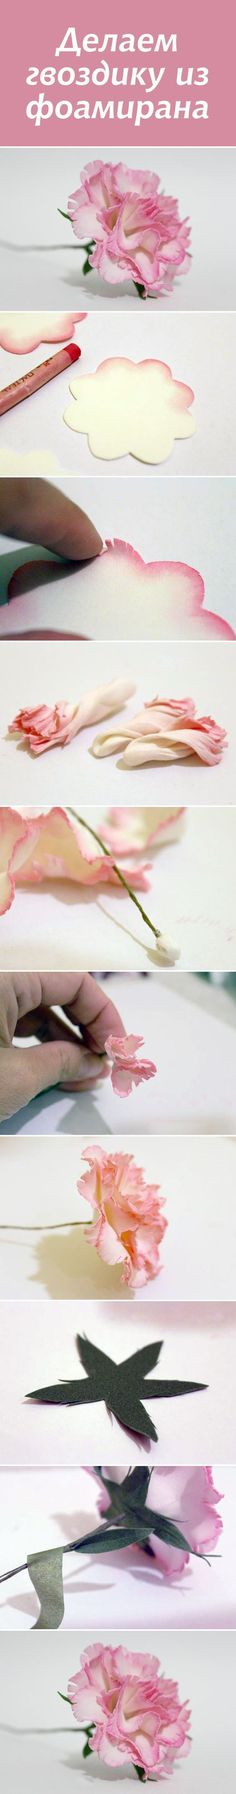 (21) Hacemos el clavel de la gamuza plástica (foamirana) #fom #diy | las flores